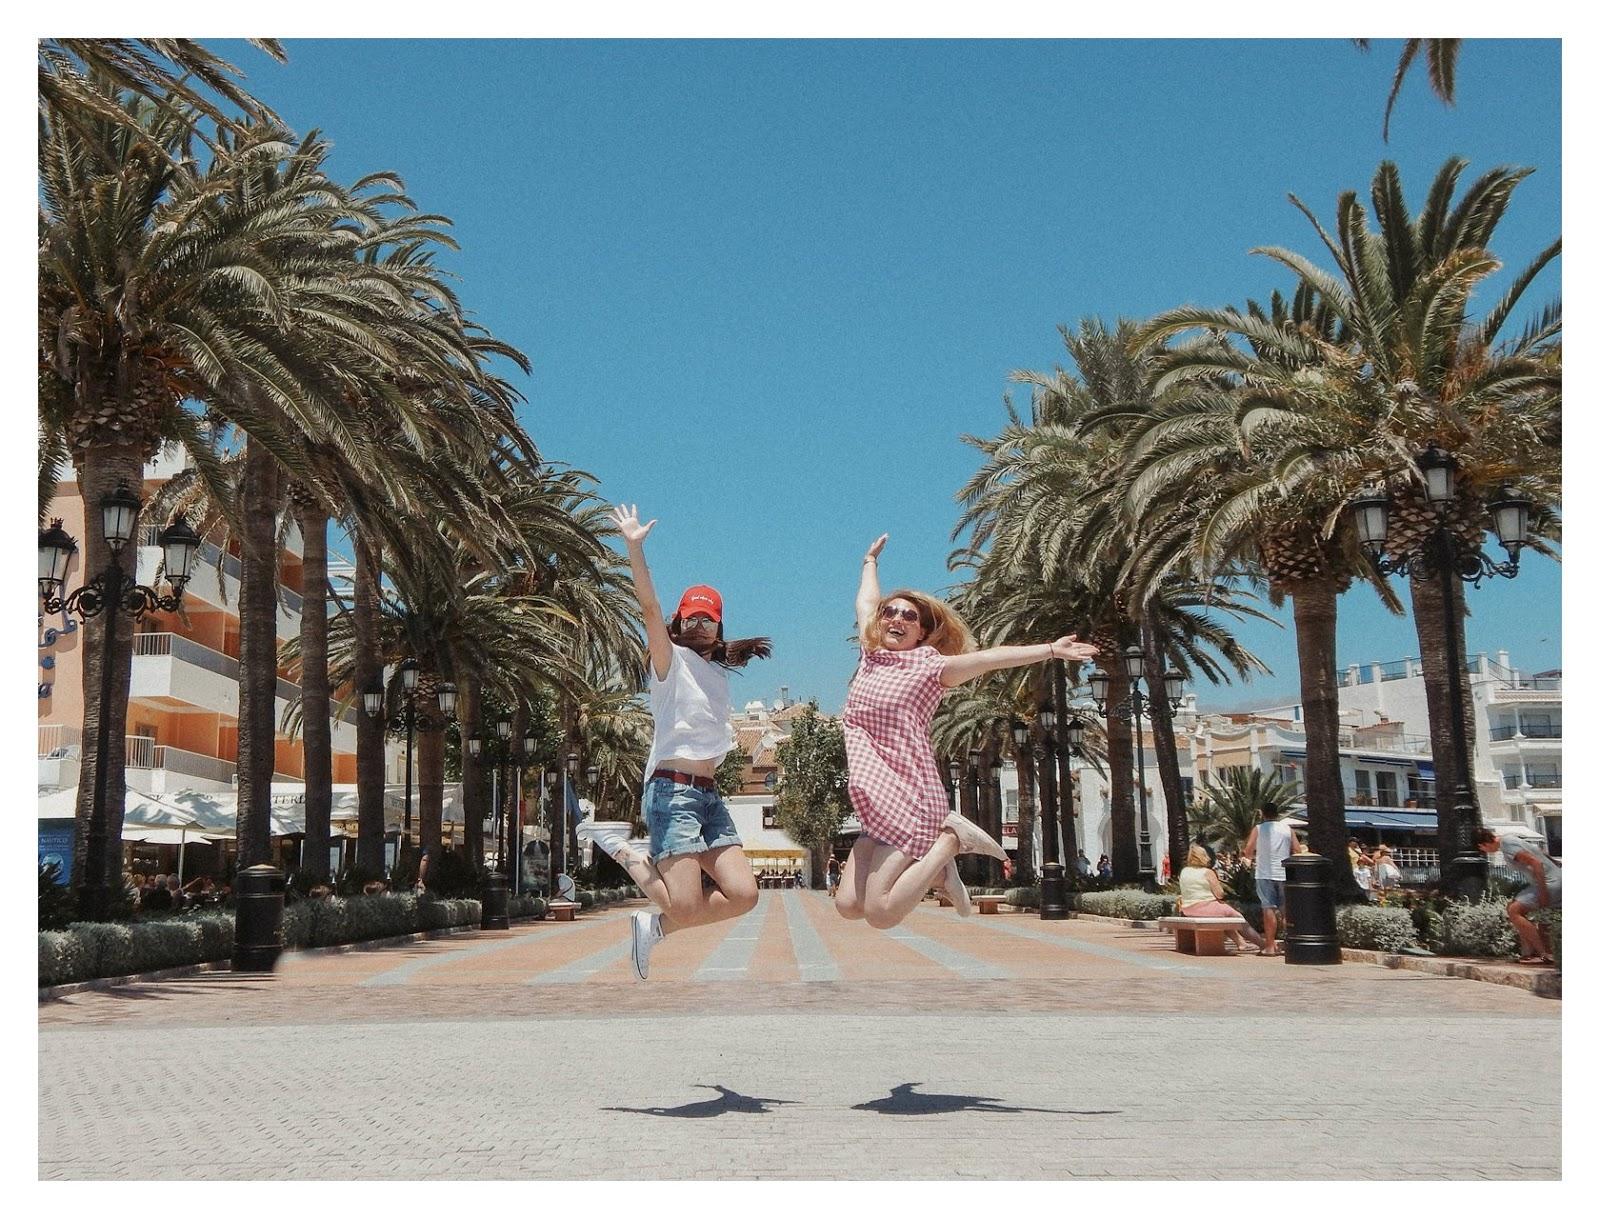 8 sukienka dziewczęca krata ubrania dla mam i córek krata różowa sukienka trapez 100% handmade polskie marki wspieram polskie nosze blog modowy melodylaniella fashion beauty style łódź nerja hiszpania zwiedzanie